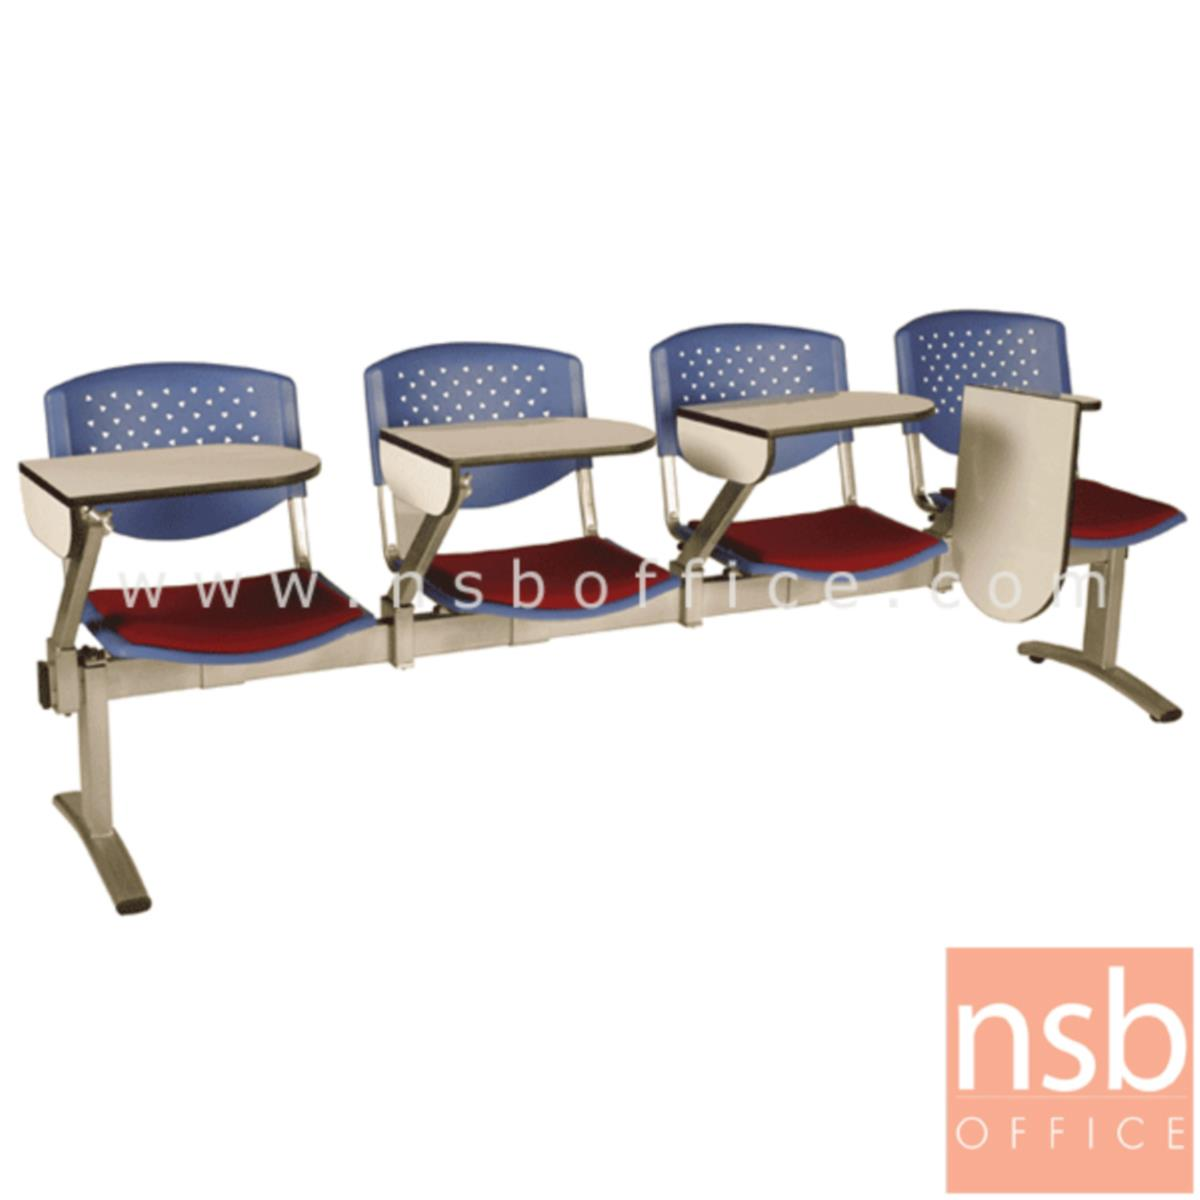 เก้าอี้เลคเชอร์แถวเฟรมโพลี่หุ้มเบาะ รุ่น D936 2 ,3 และ 4 ที่นั่ง ขาเหล็กพ่นสีเทา